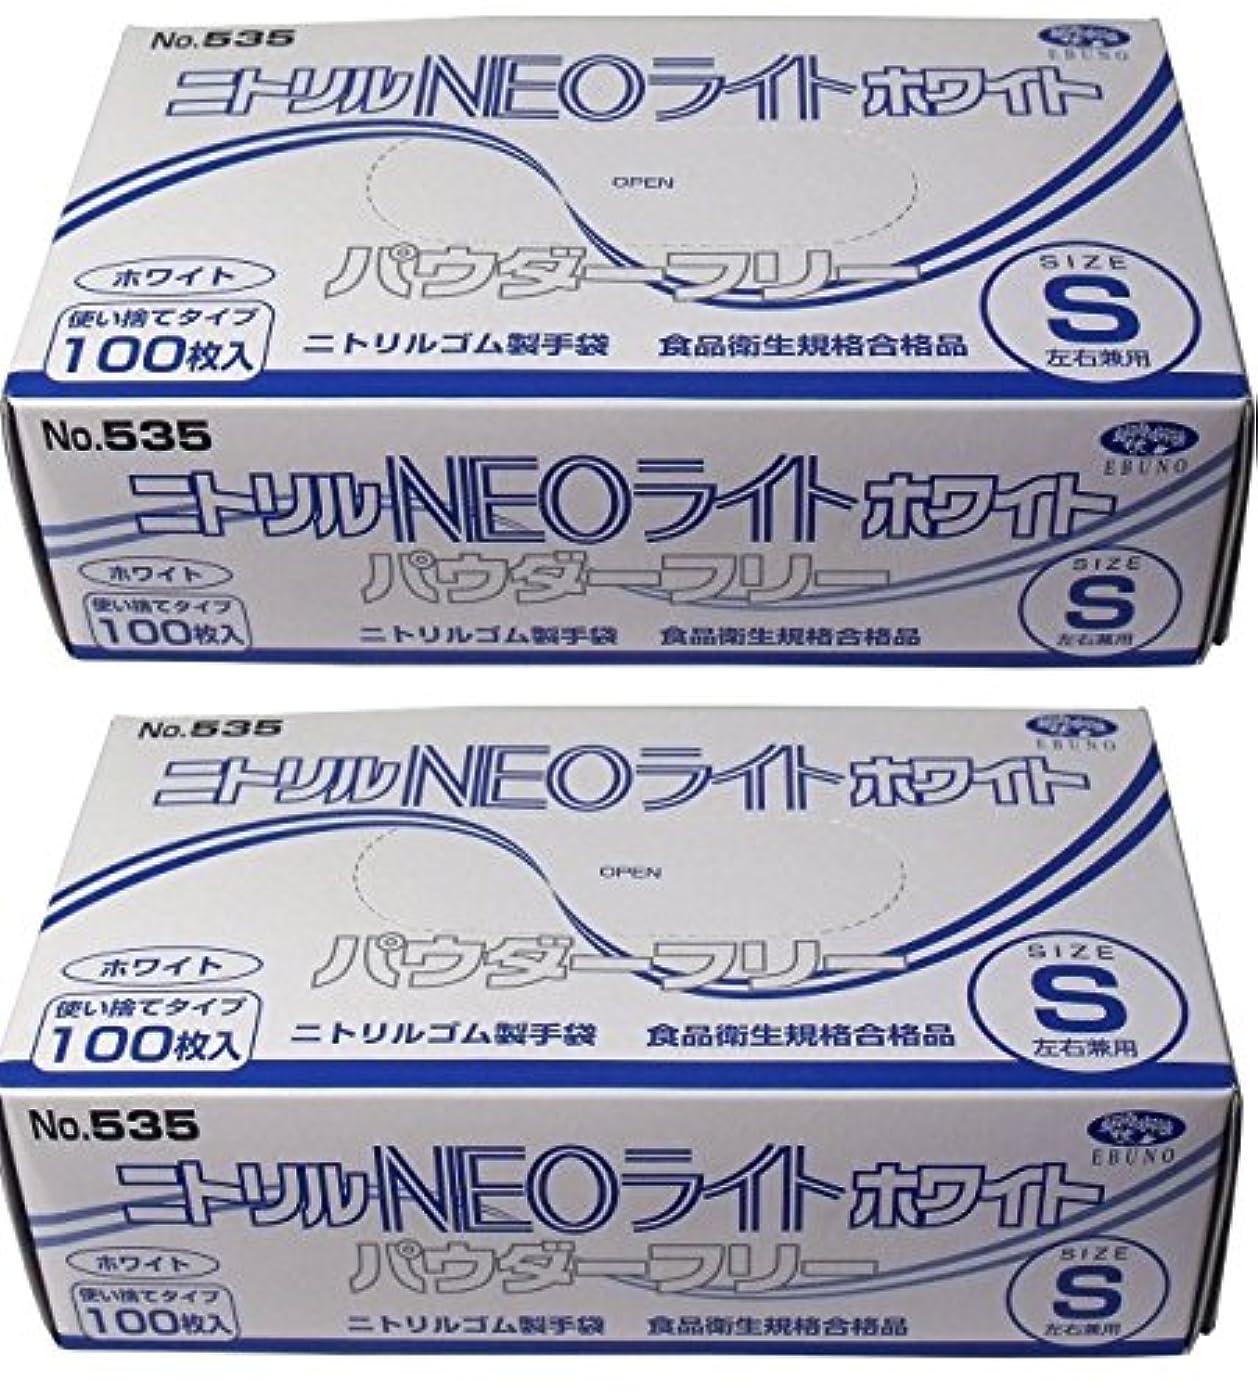 自治懲らしめびっくり【セット品】ニトリル手袋 パウダーフリー ホワイト Sサイズ (2個)